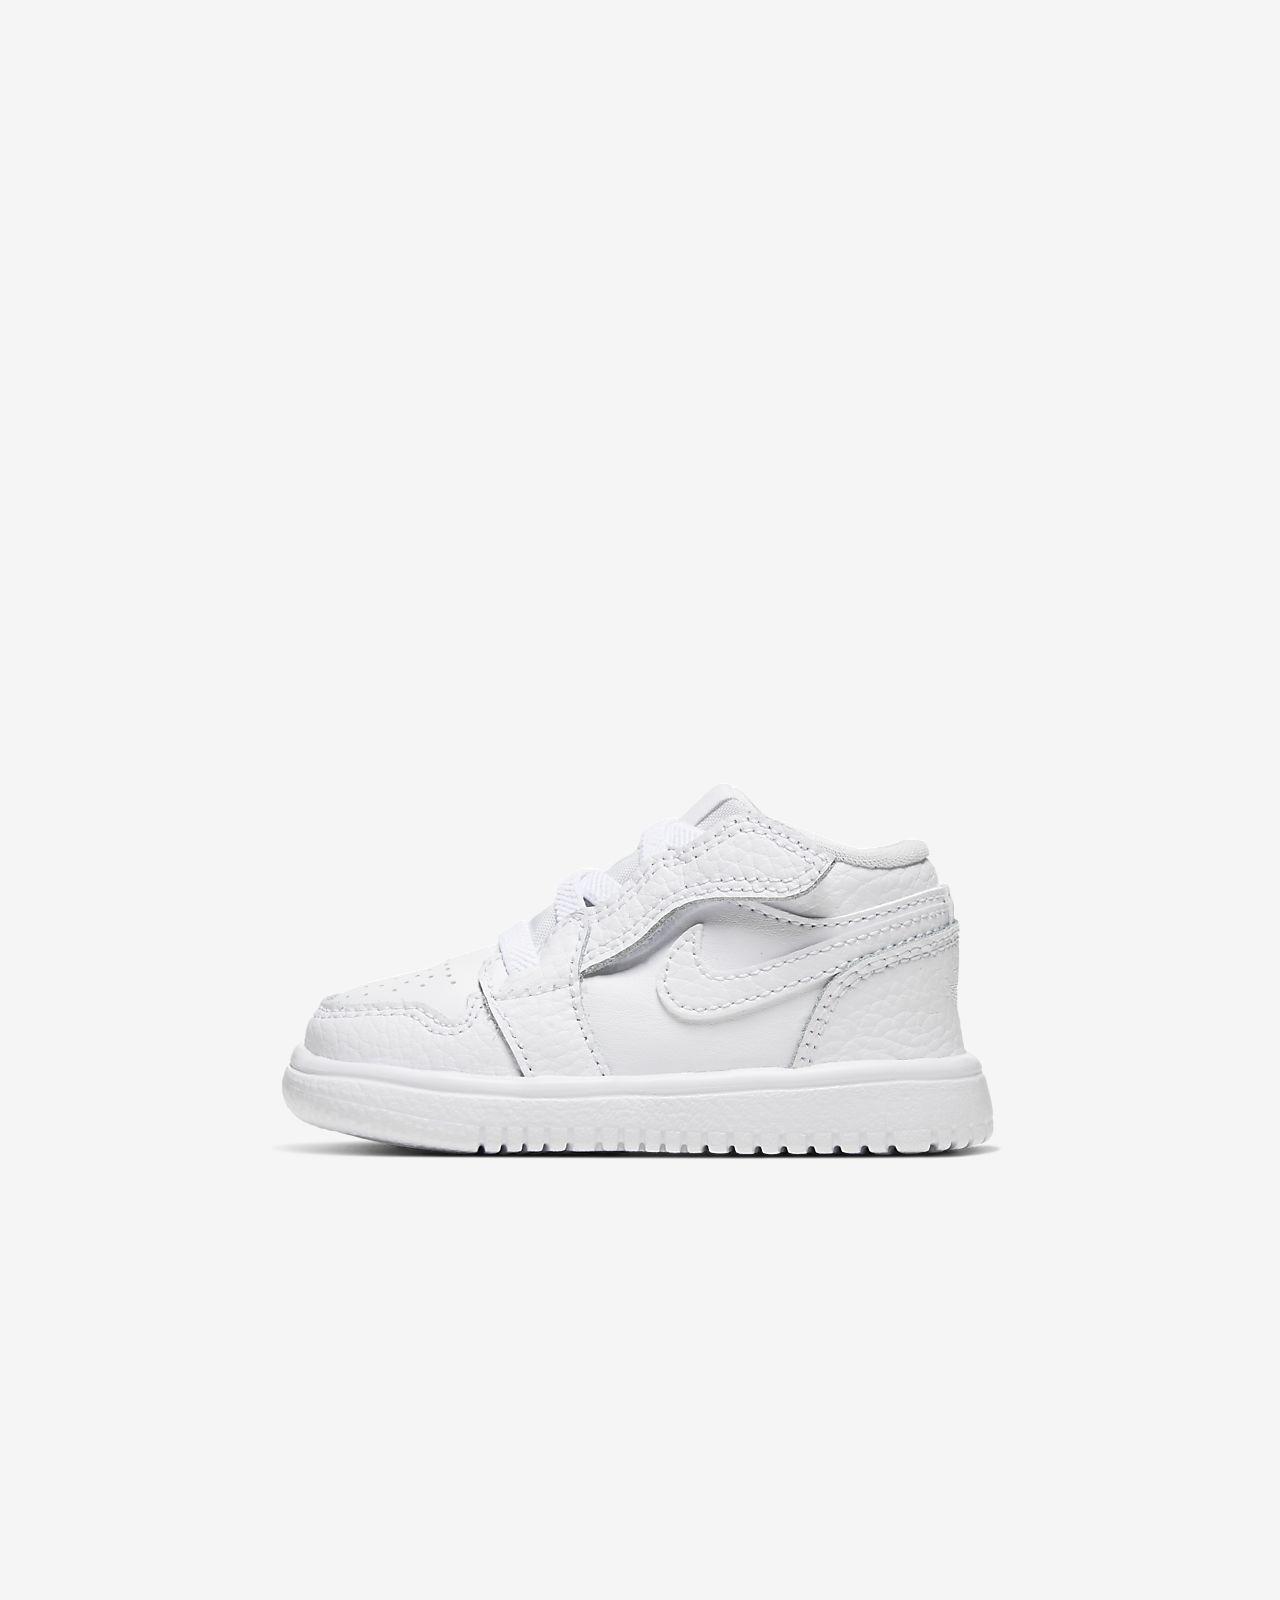 รองเท้าทารก/เด็กวัยหัดเดิน Jordan 1 Low Alt